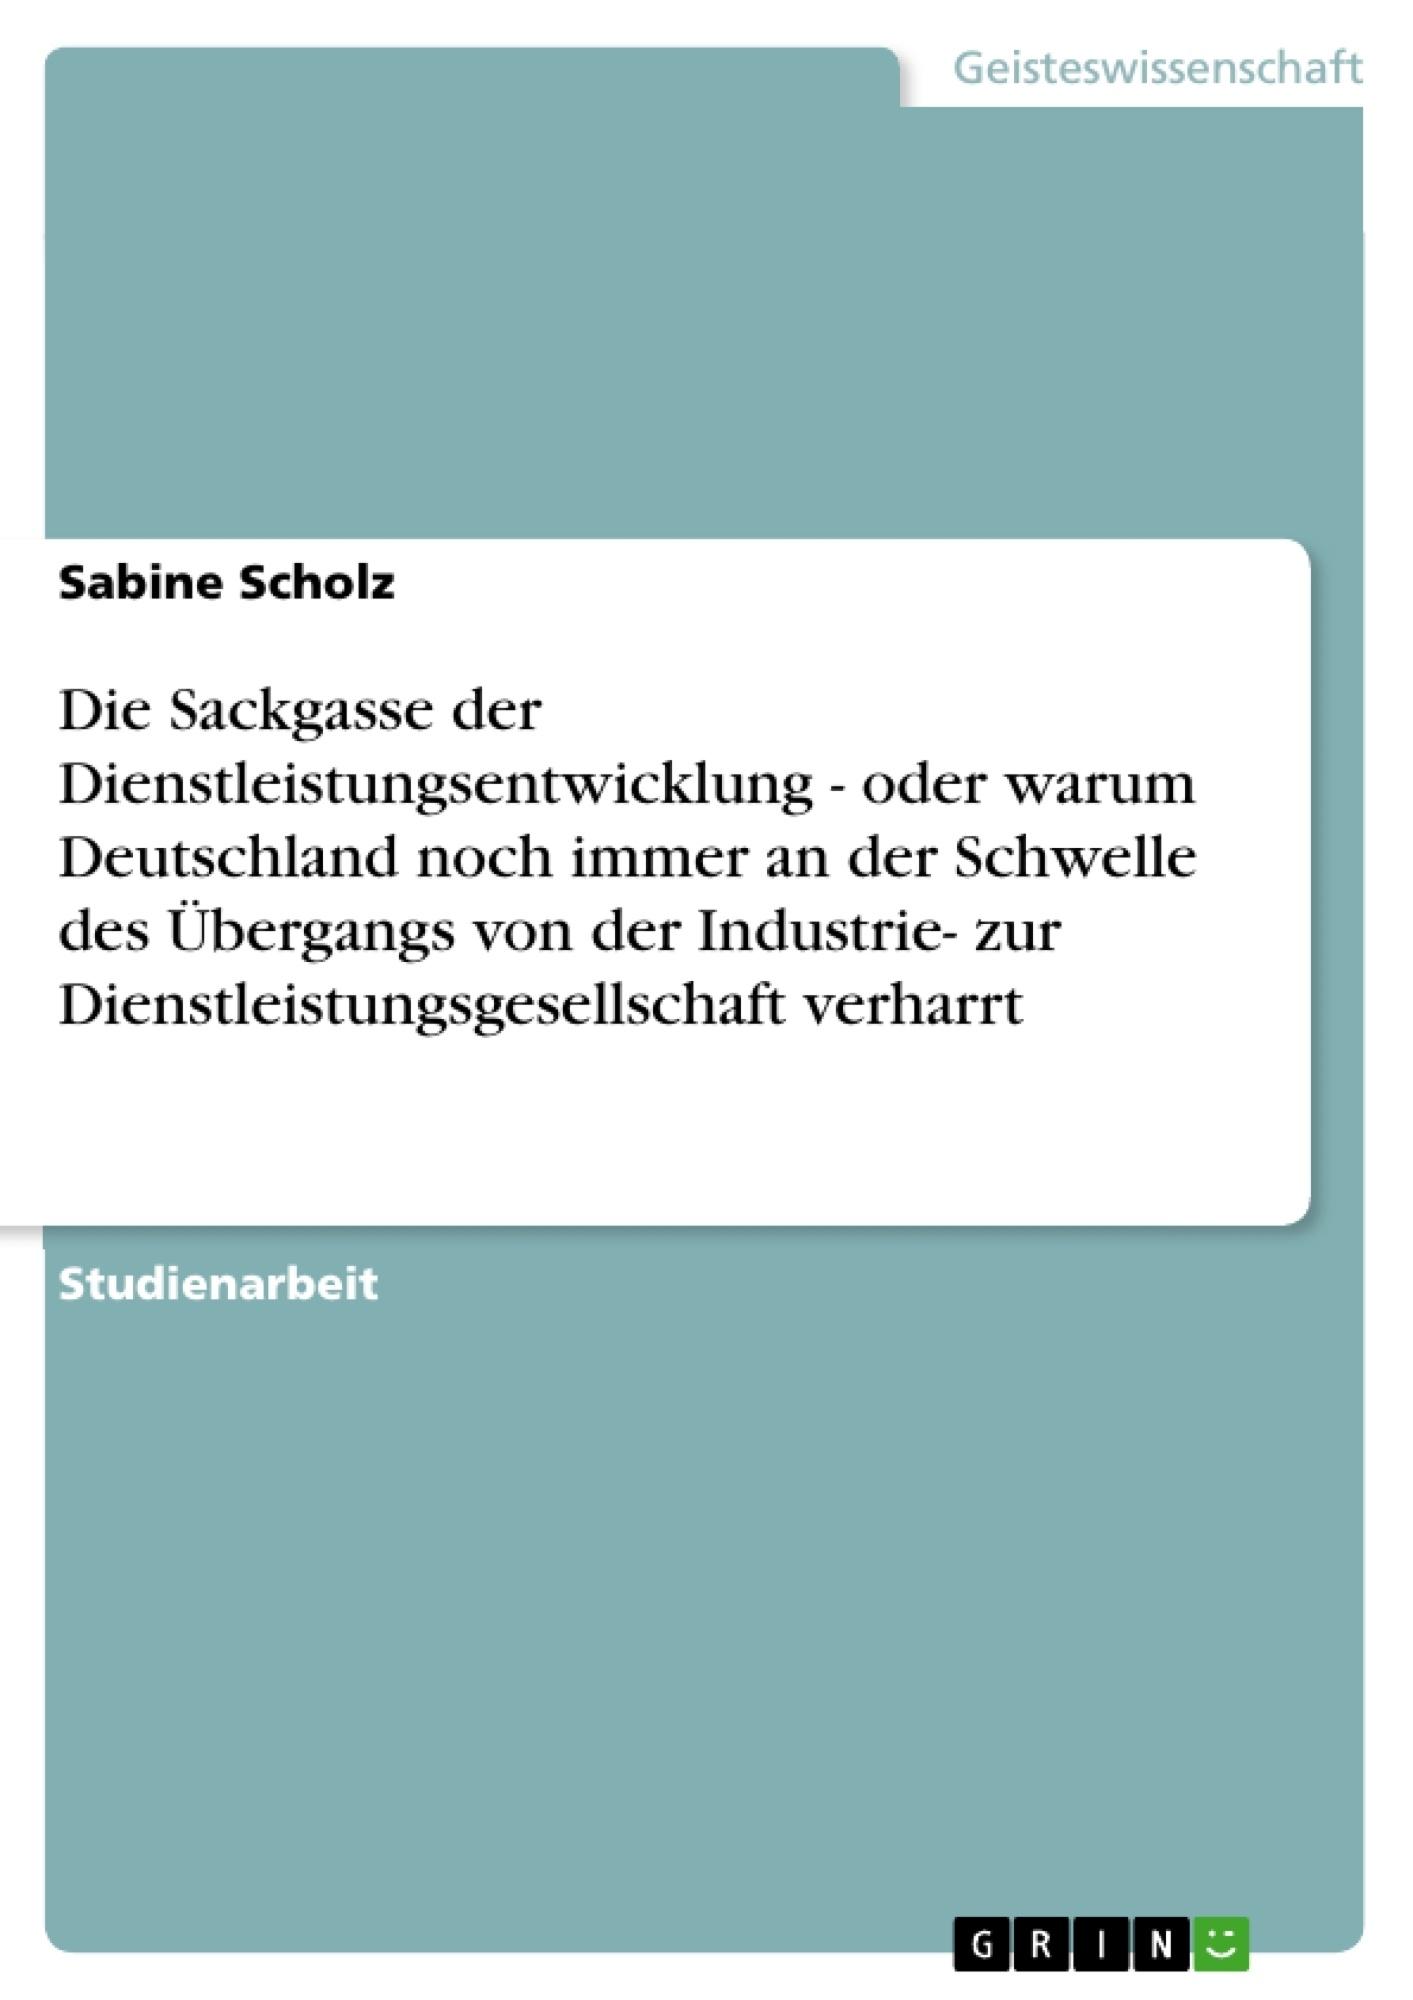 Titel: Die Sackgasse der Dienstleistungsentwicklung - oder warum Deutschland noch immer an der Schwelle des Übergangs von der Industrie-  zur  Dienstleistungsgesellschaft verharrt